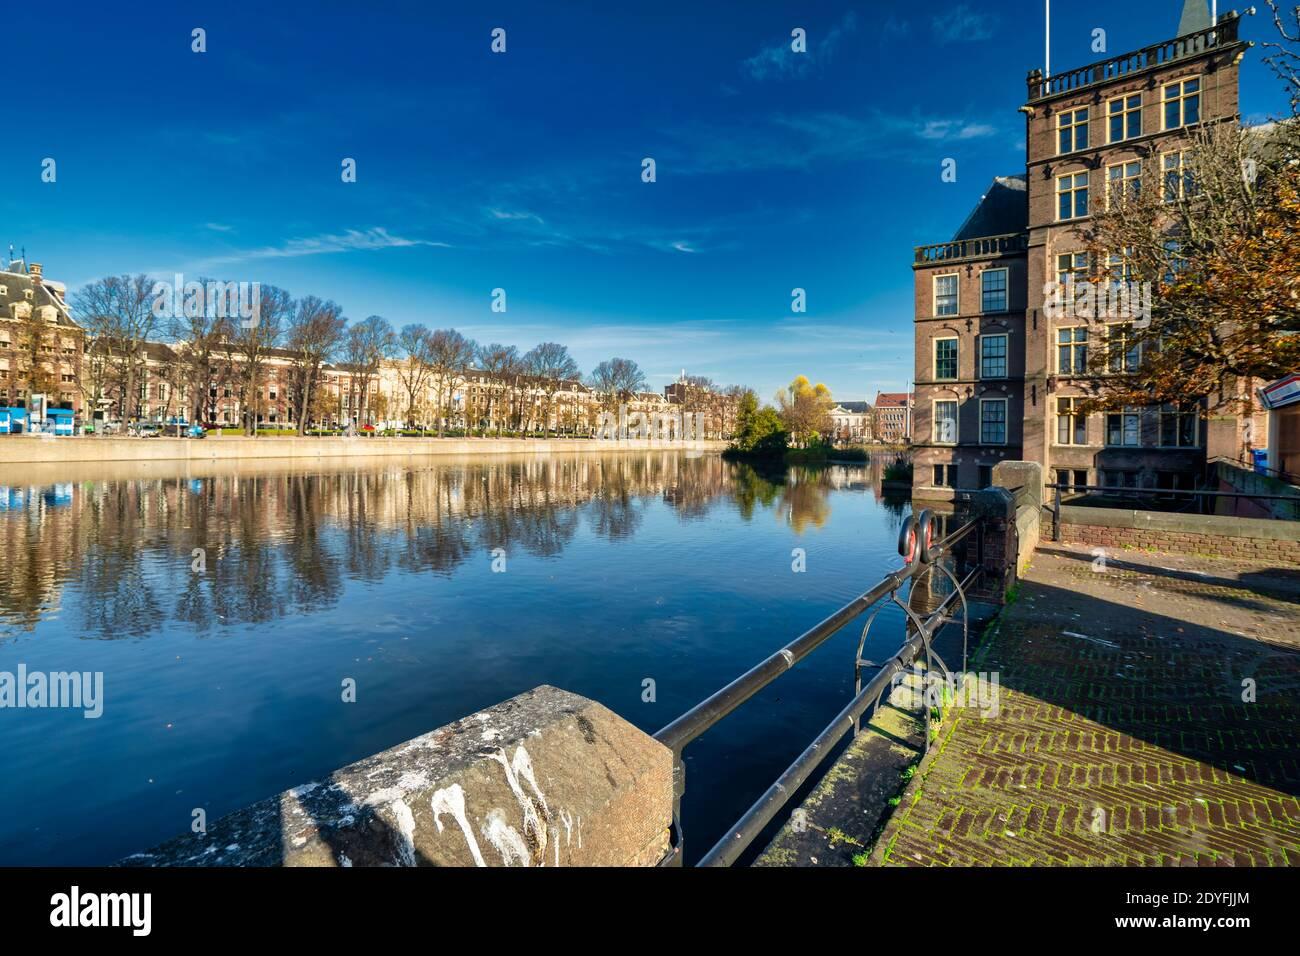 Den Haag, Niederlande - 9. November 2020: Fast menschenleer Park am Teich in der Stadt. Park über dem Wasser gesehen Covid-19 Pandemiekonzept: COVID Stockfoto